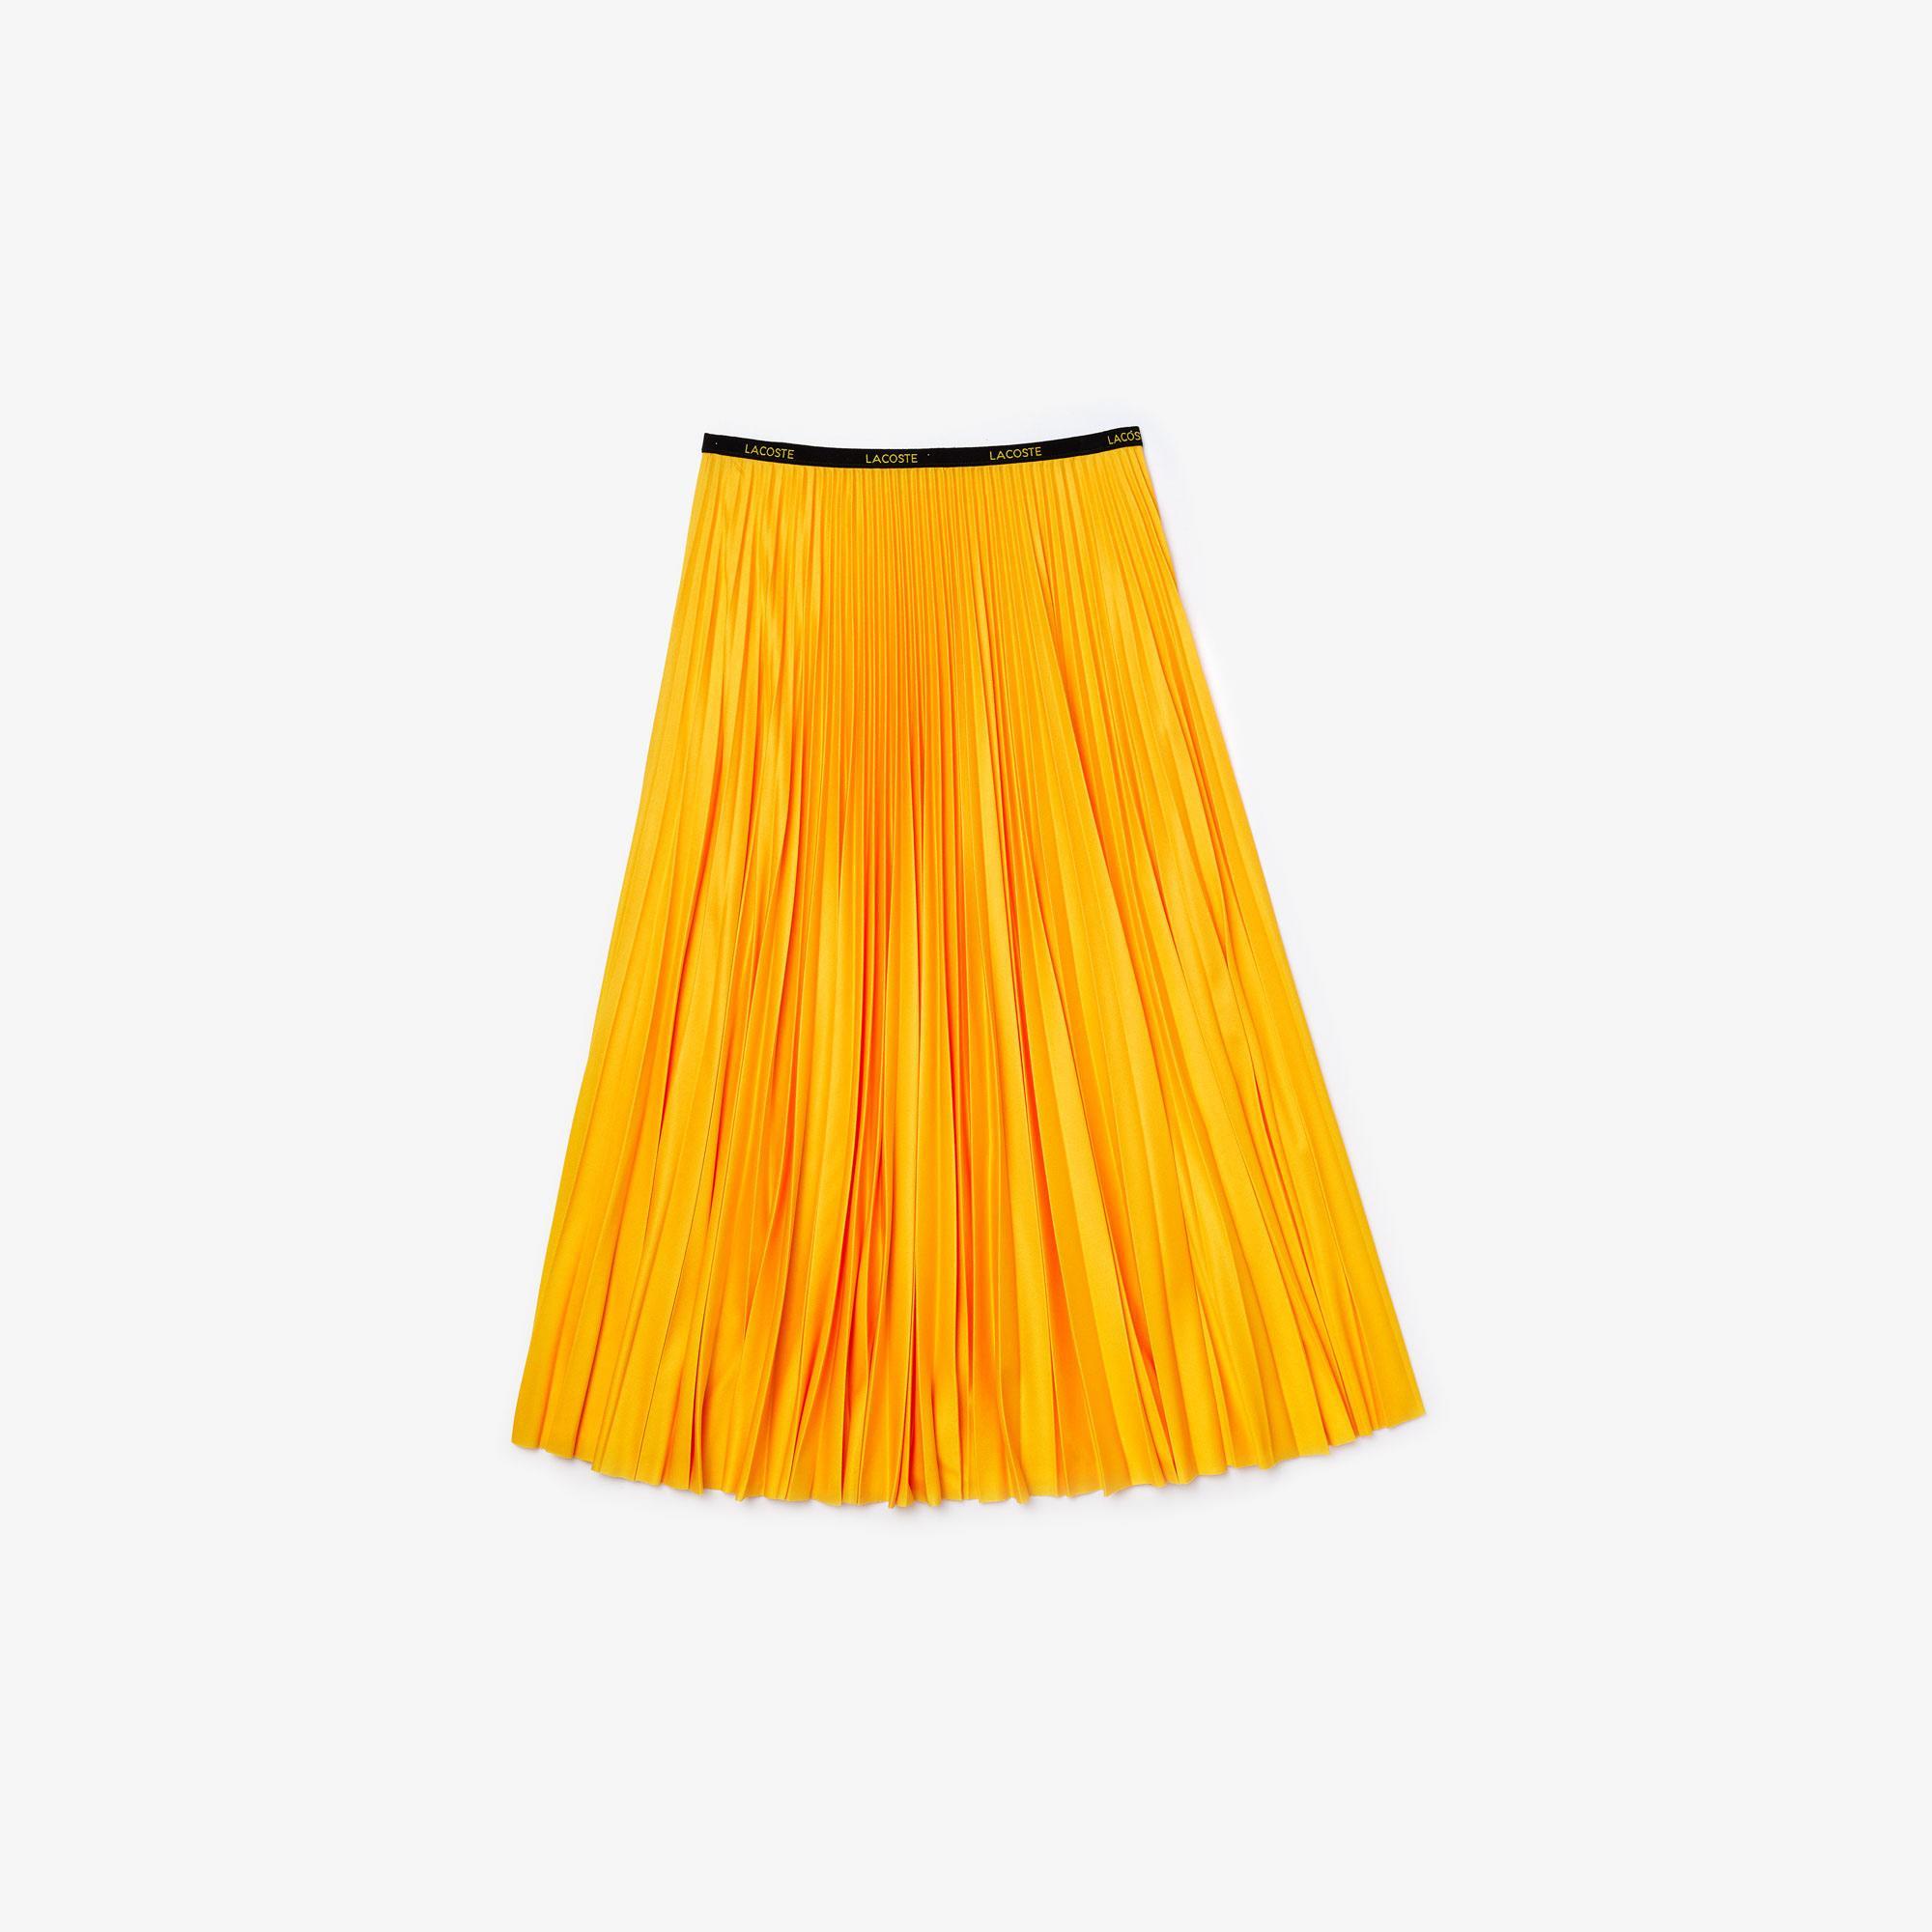 Lacoste Kadın Pileli Sarı Etek